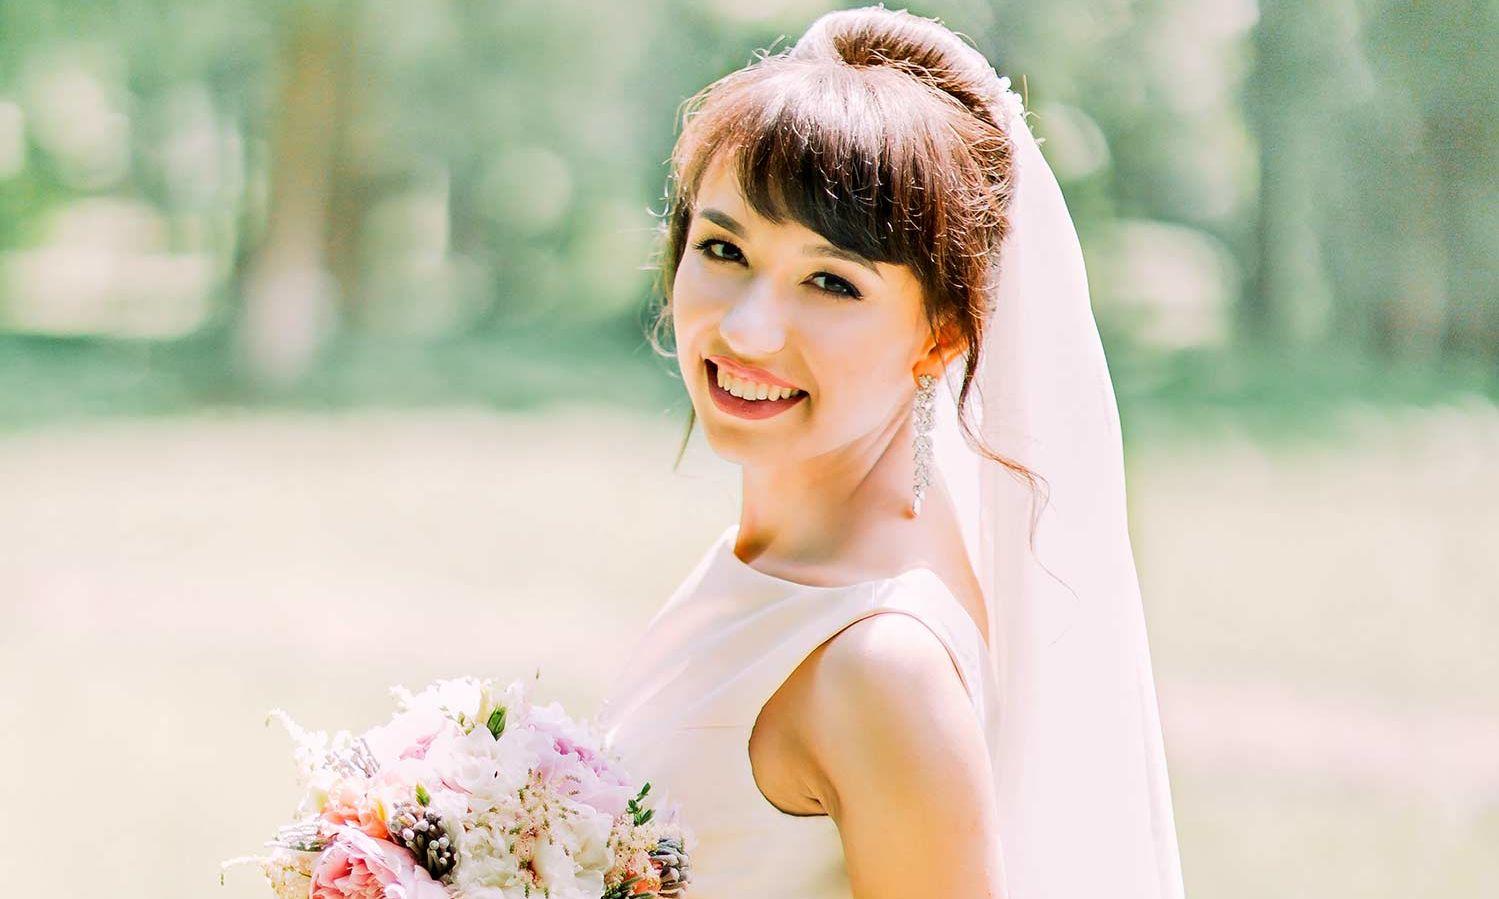 Schlichte Brautkleider - 10 Tipps für einen strahlenden Auftritt